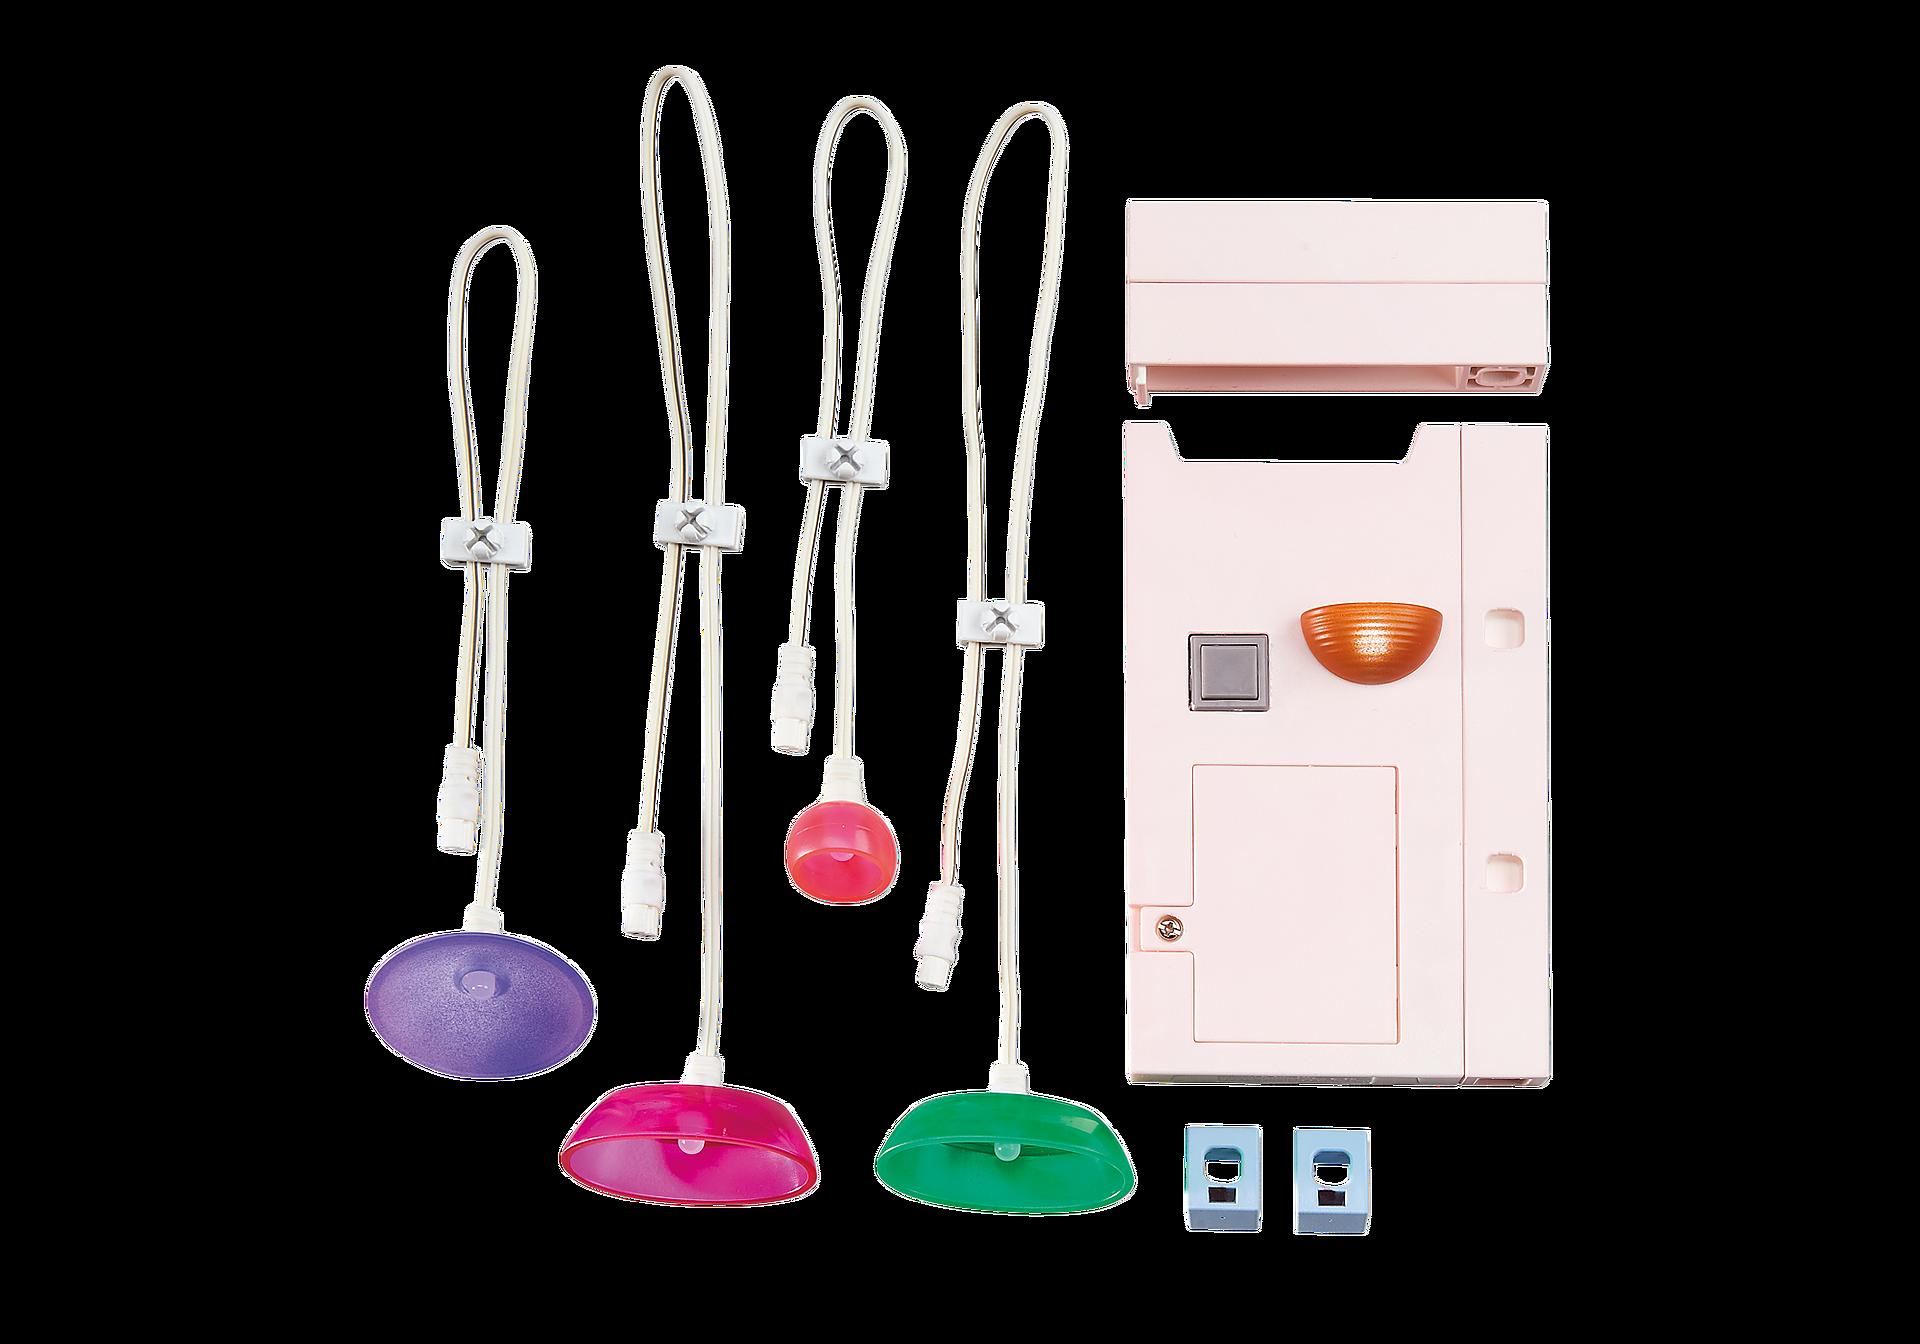 http://media.playmobil.com/i/playmobil/6456_product_detail/Kit d'éclairage pour maison traditionnelle (Réf. 5303)